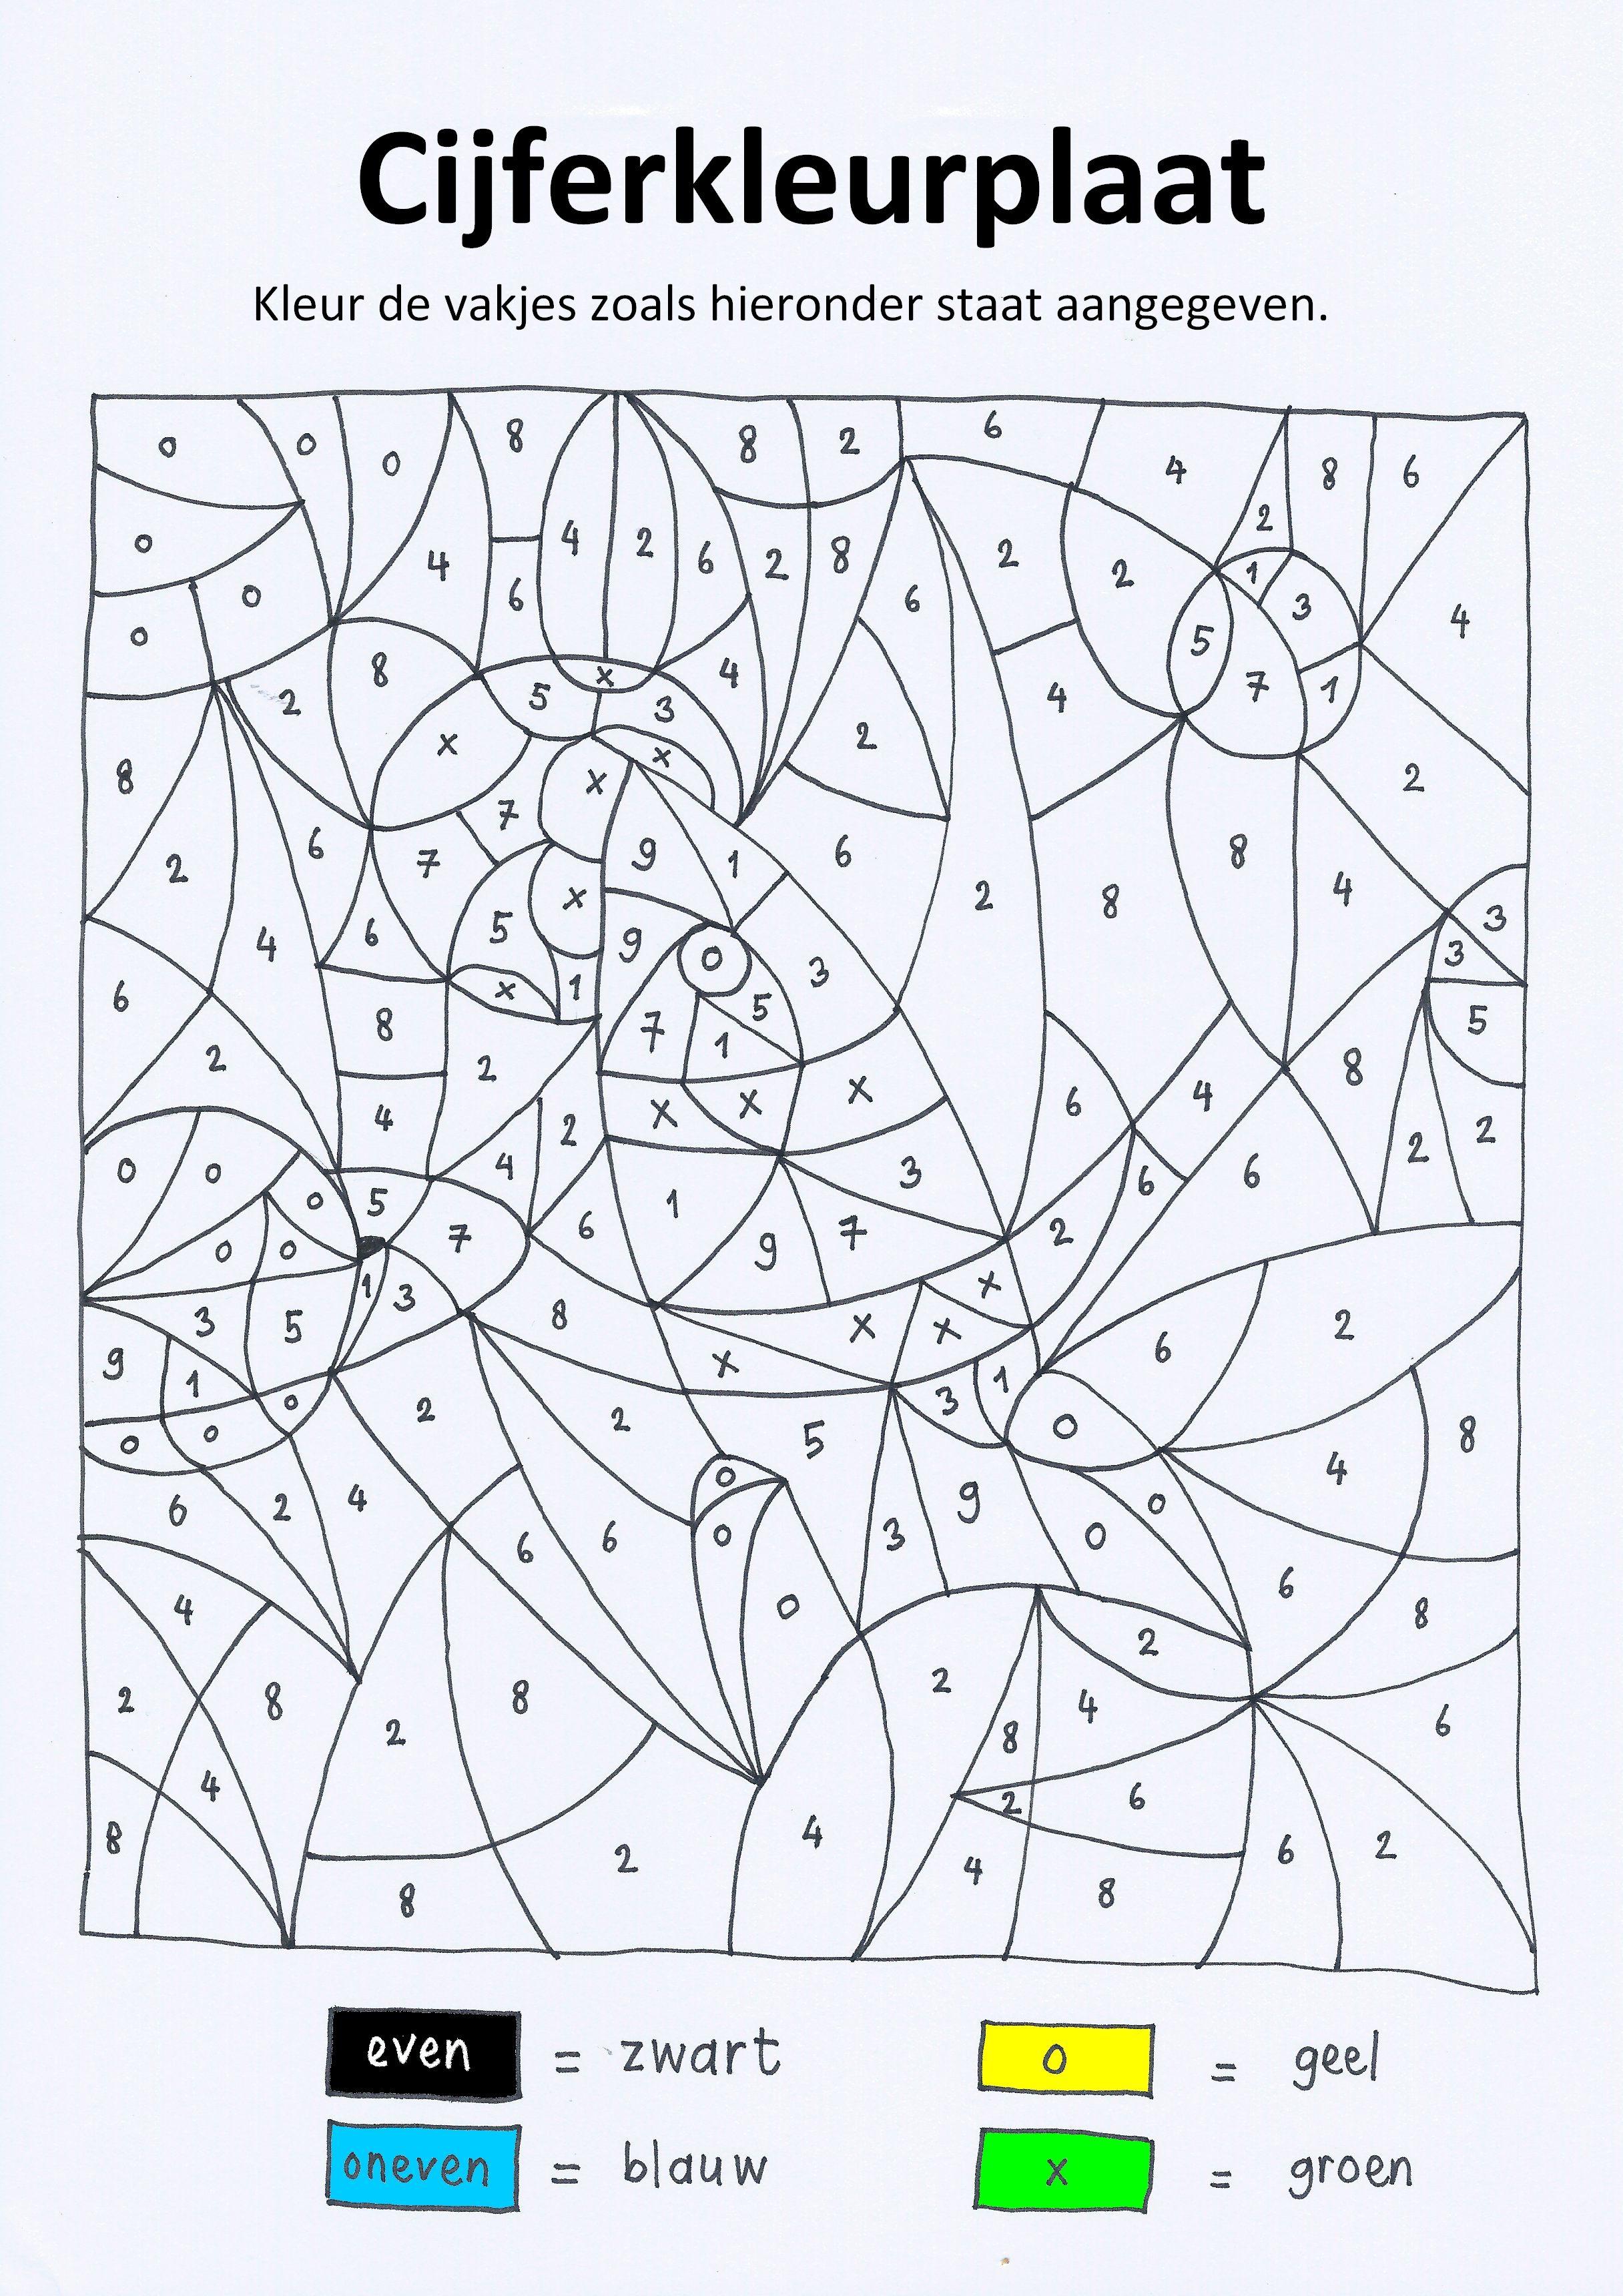 Cijferkleurplaat Ruimte Met Even Oneven Getallen Tot 10 Voor Kleuters Die Uitdaging Nodig Hebben Of Voor Groep 3 4 Rekenspelletjes Rekenen Wiskunde